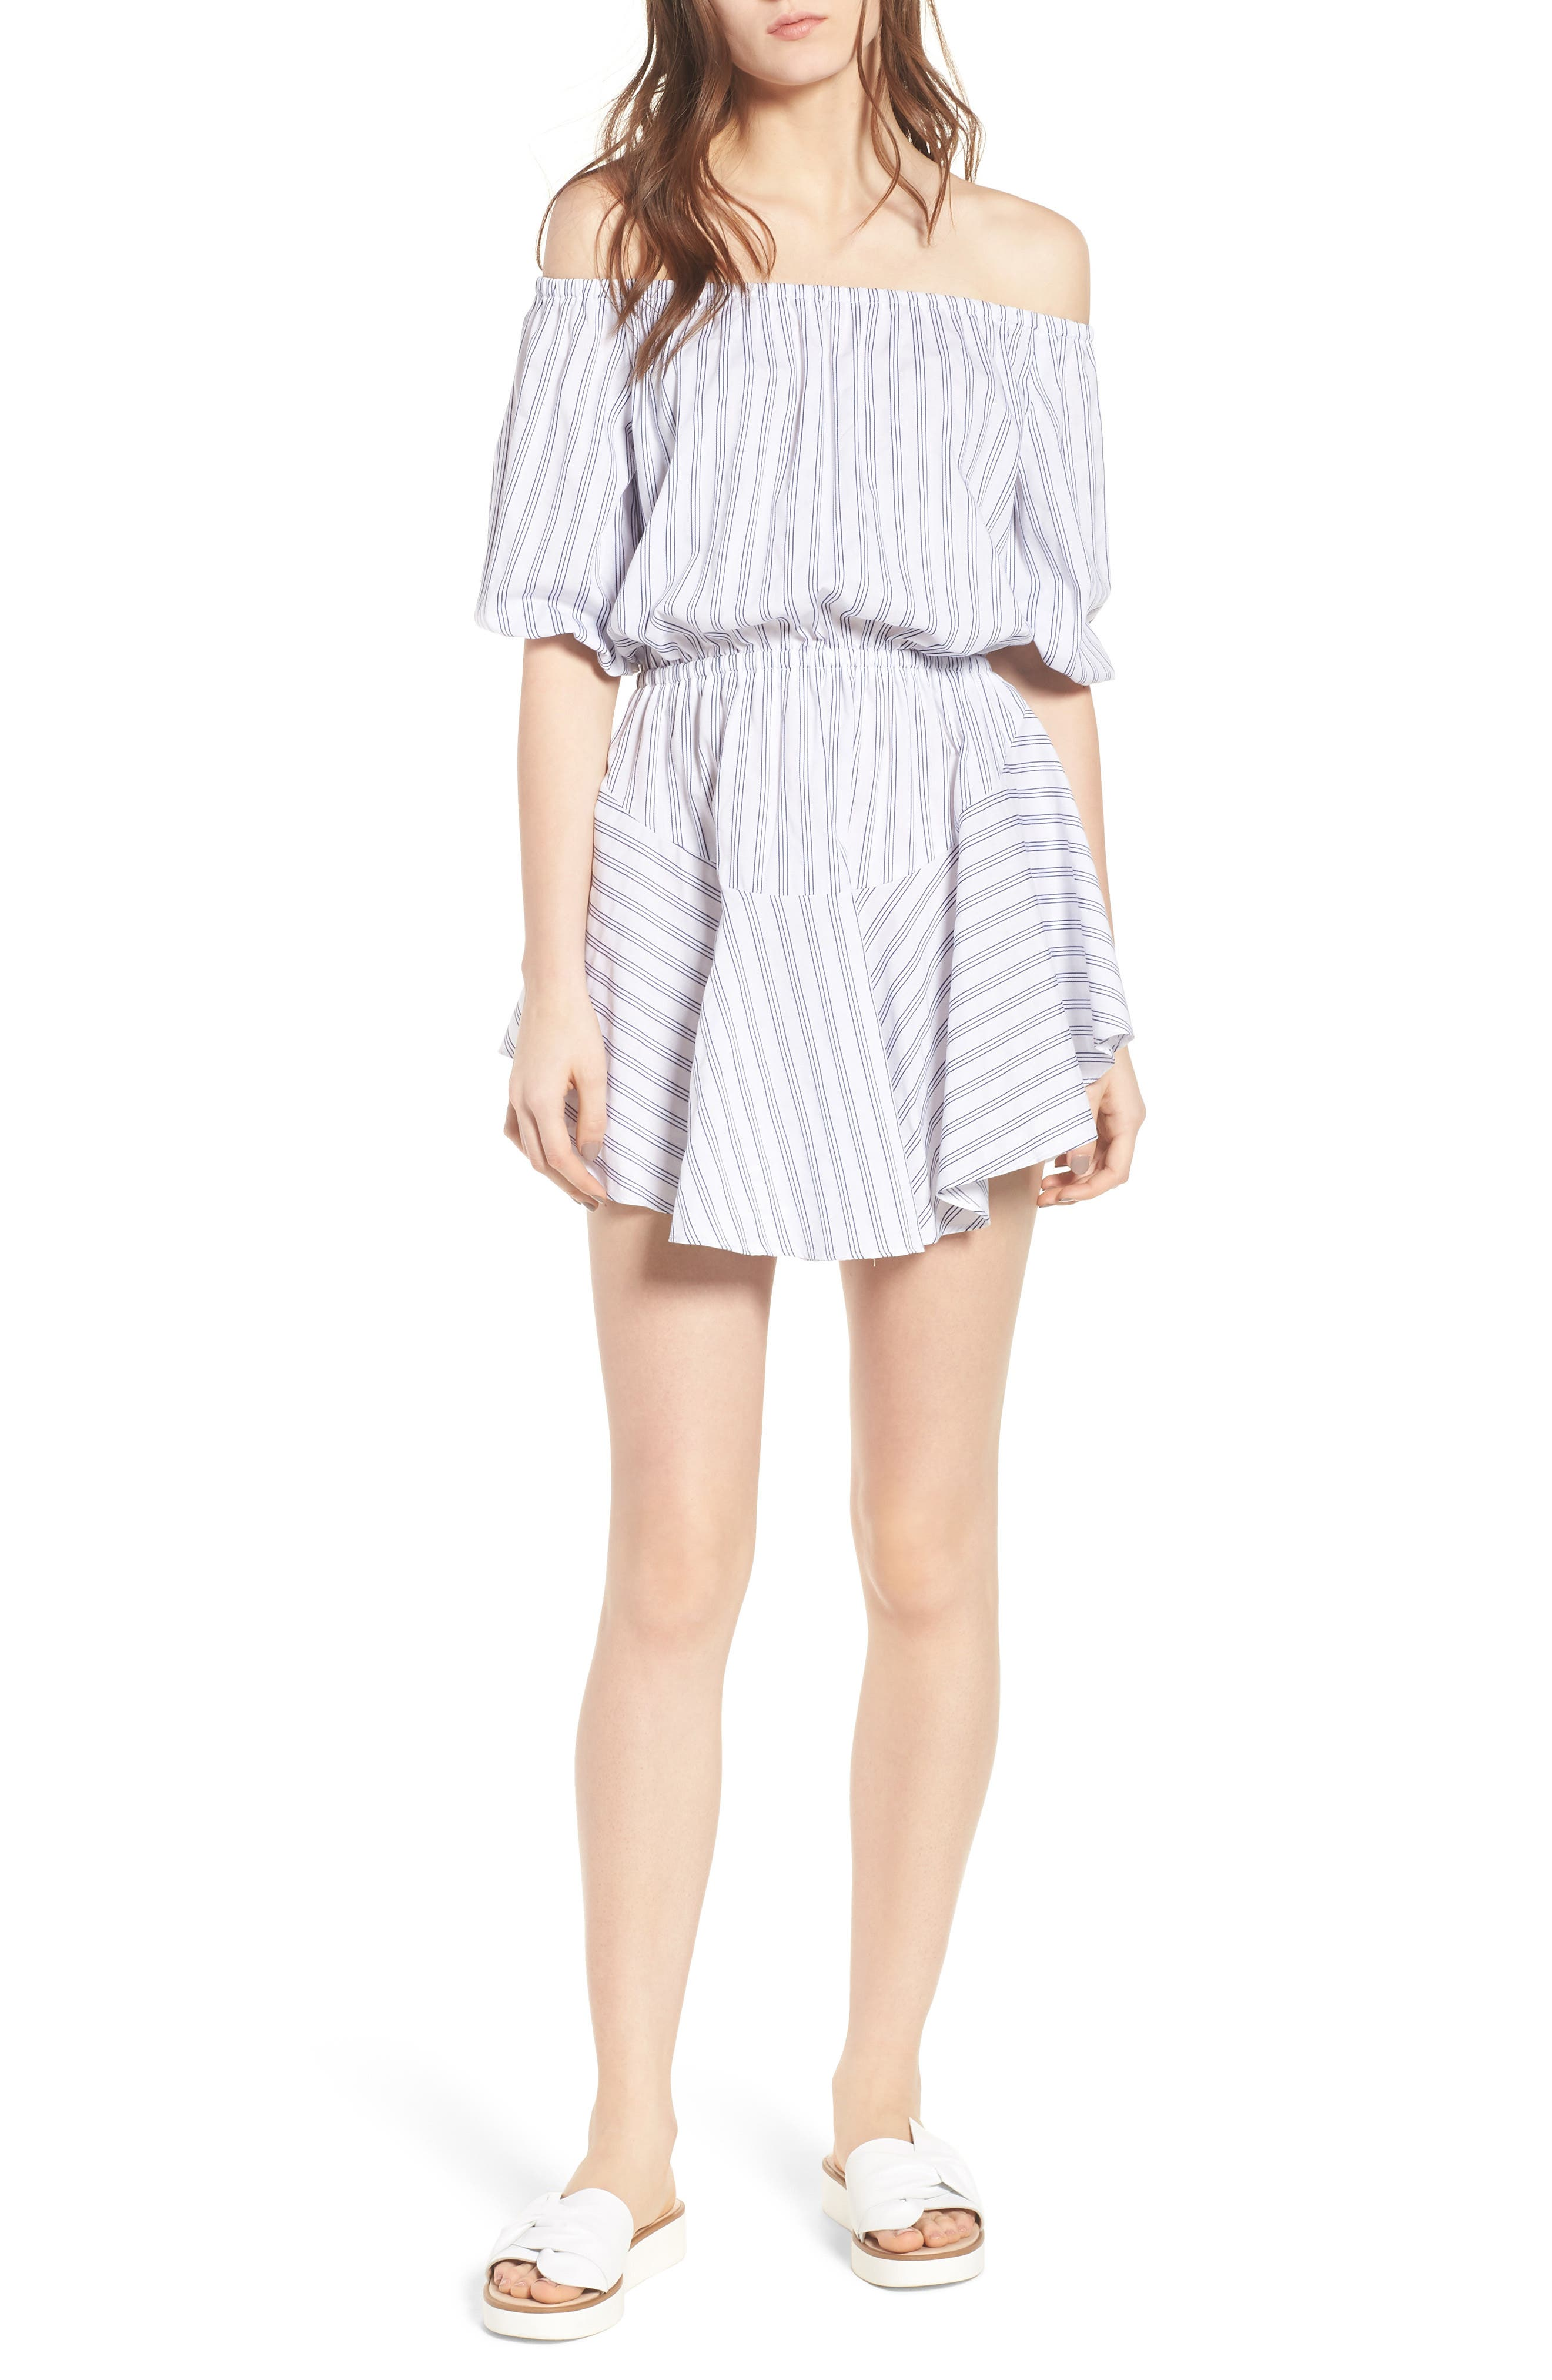 Barbados Stripe Off the Shoulder Dress,                         Main,                         color, 400